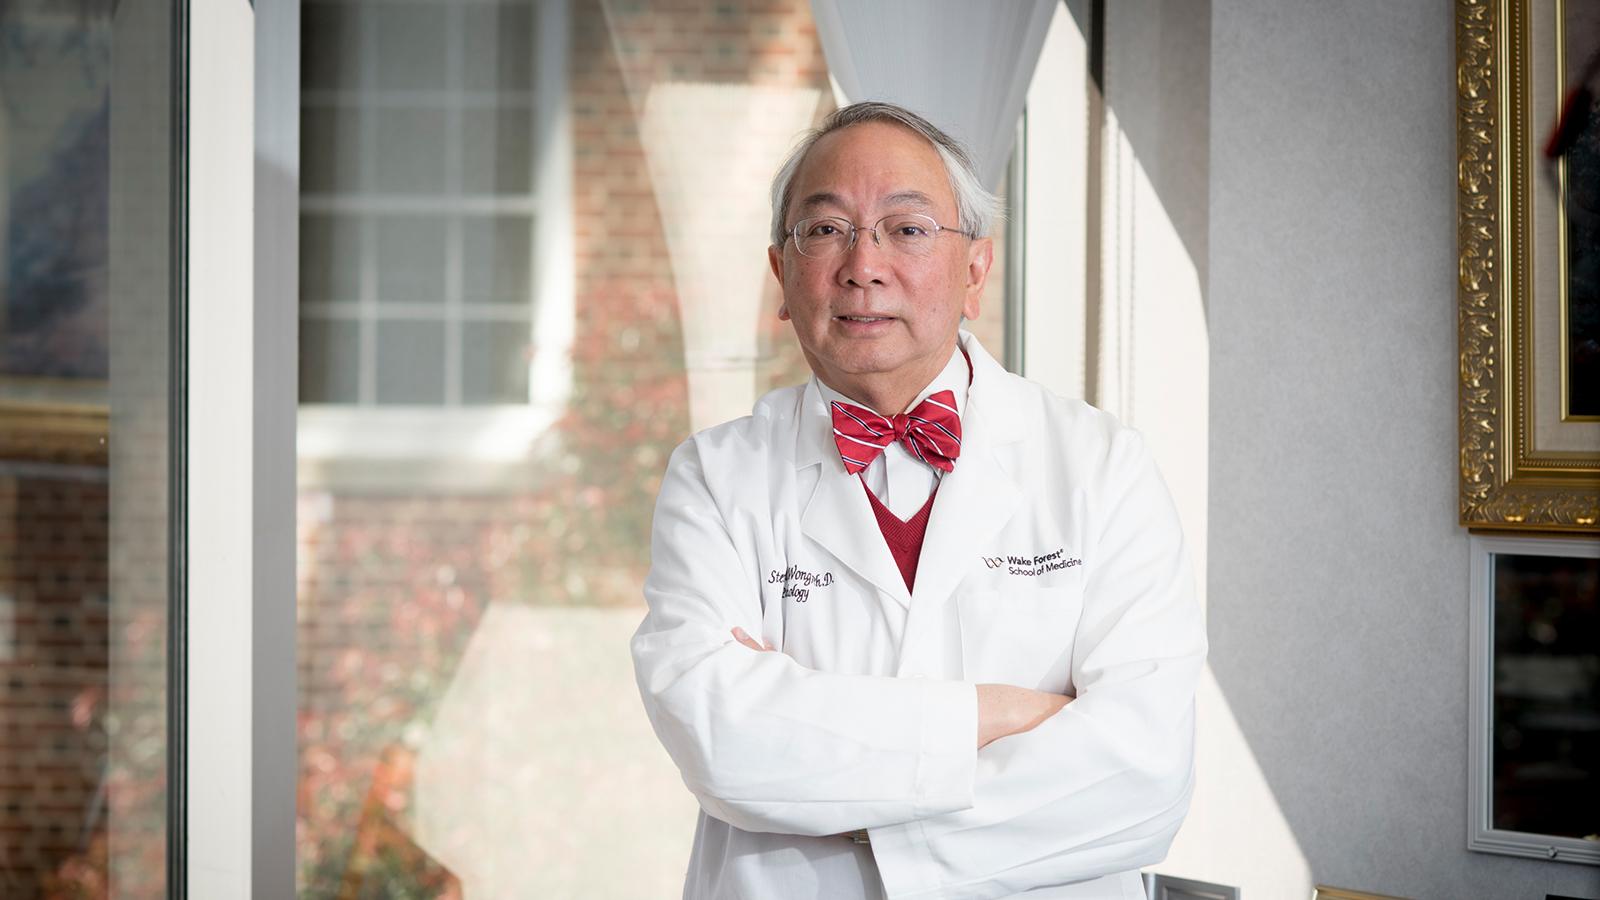 Steven Wong, PhD